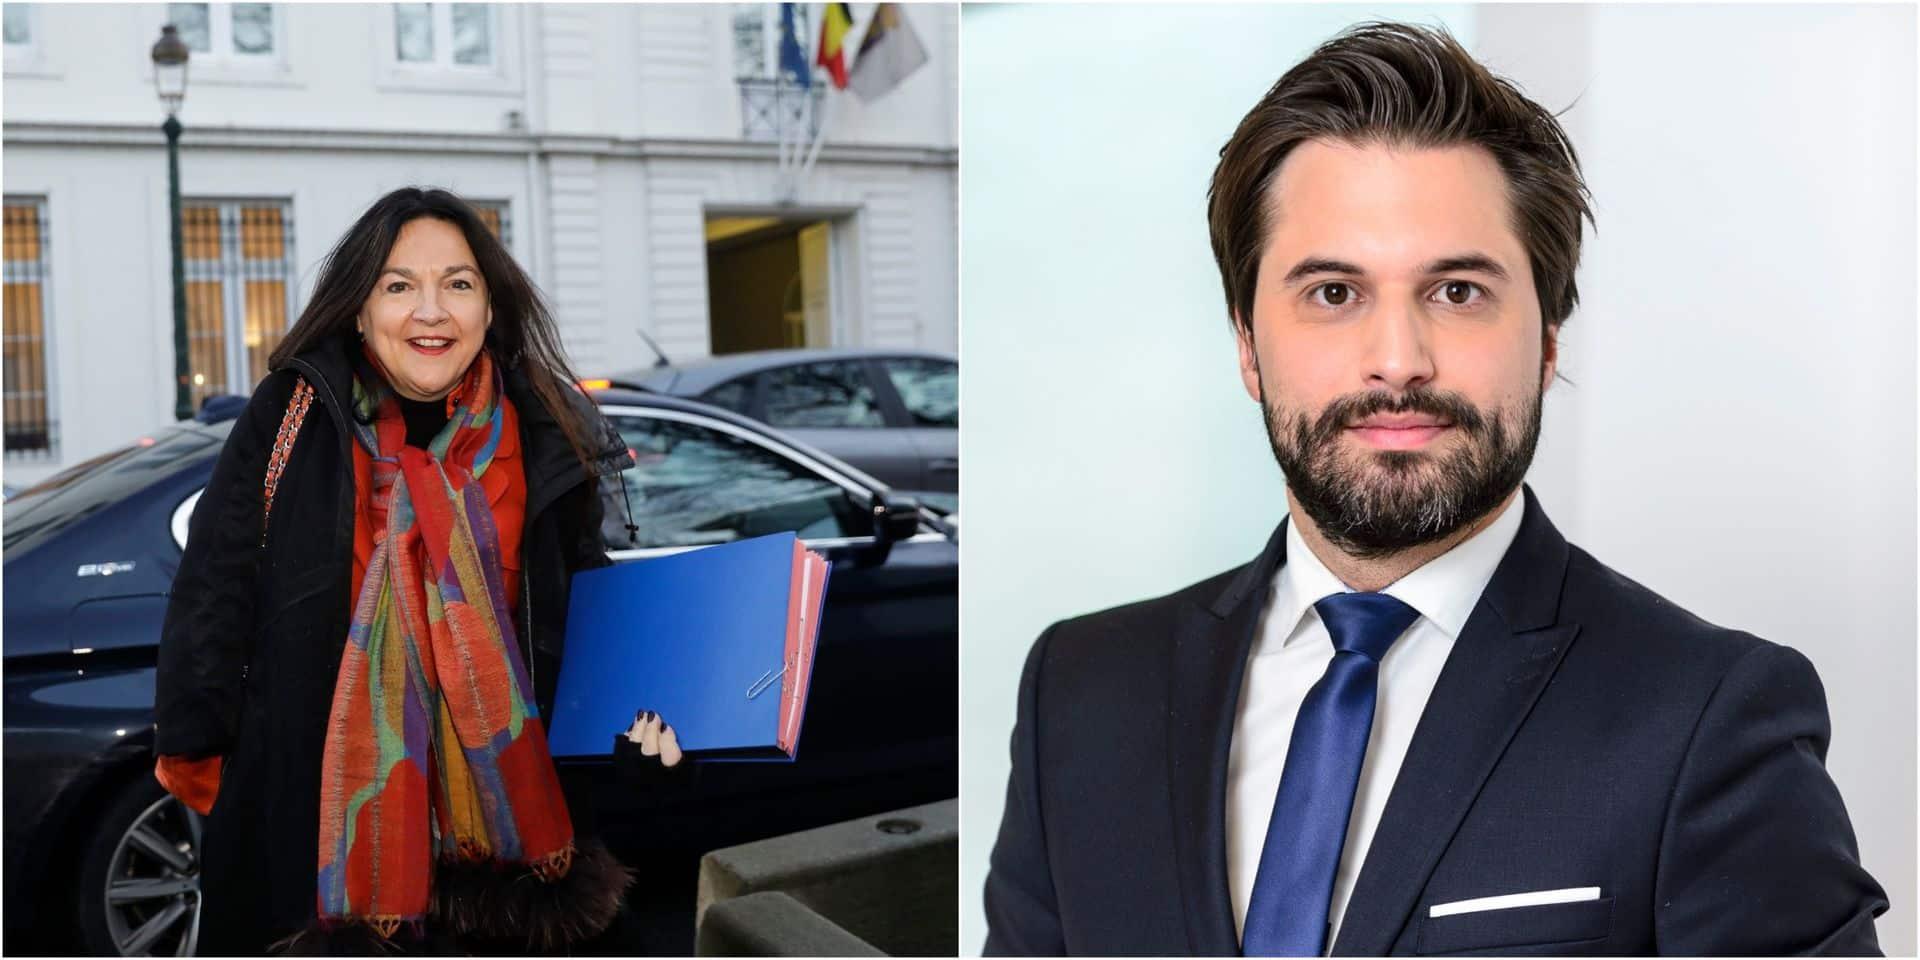 Haie de déshonneur au CHU Saint-Pierre: Georges-Louis Bouchez recadre Marie-Christine Marghem